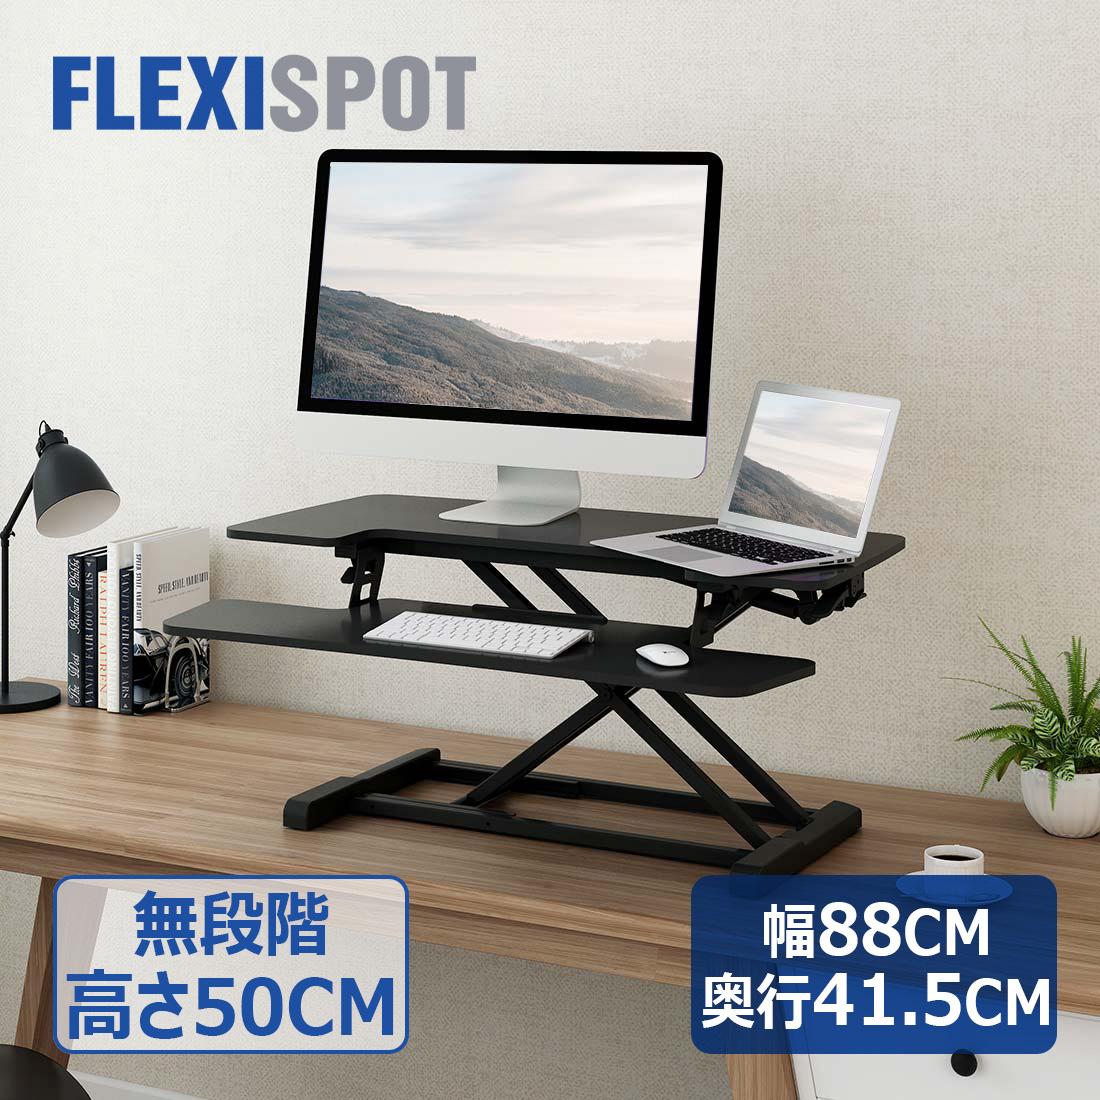 立ち机 高さ調節 コーナーデスク角机対応 ブラックM17MB FlexiSpot フレキシスポット オフィスデスク リフトアップデスク スタンディングデスク 折りたたみ可能 激安 卓上台 まとめ買い特価